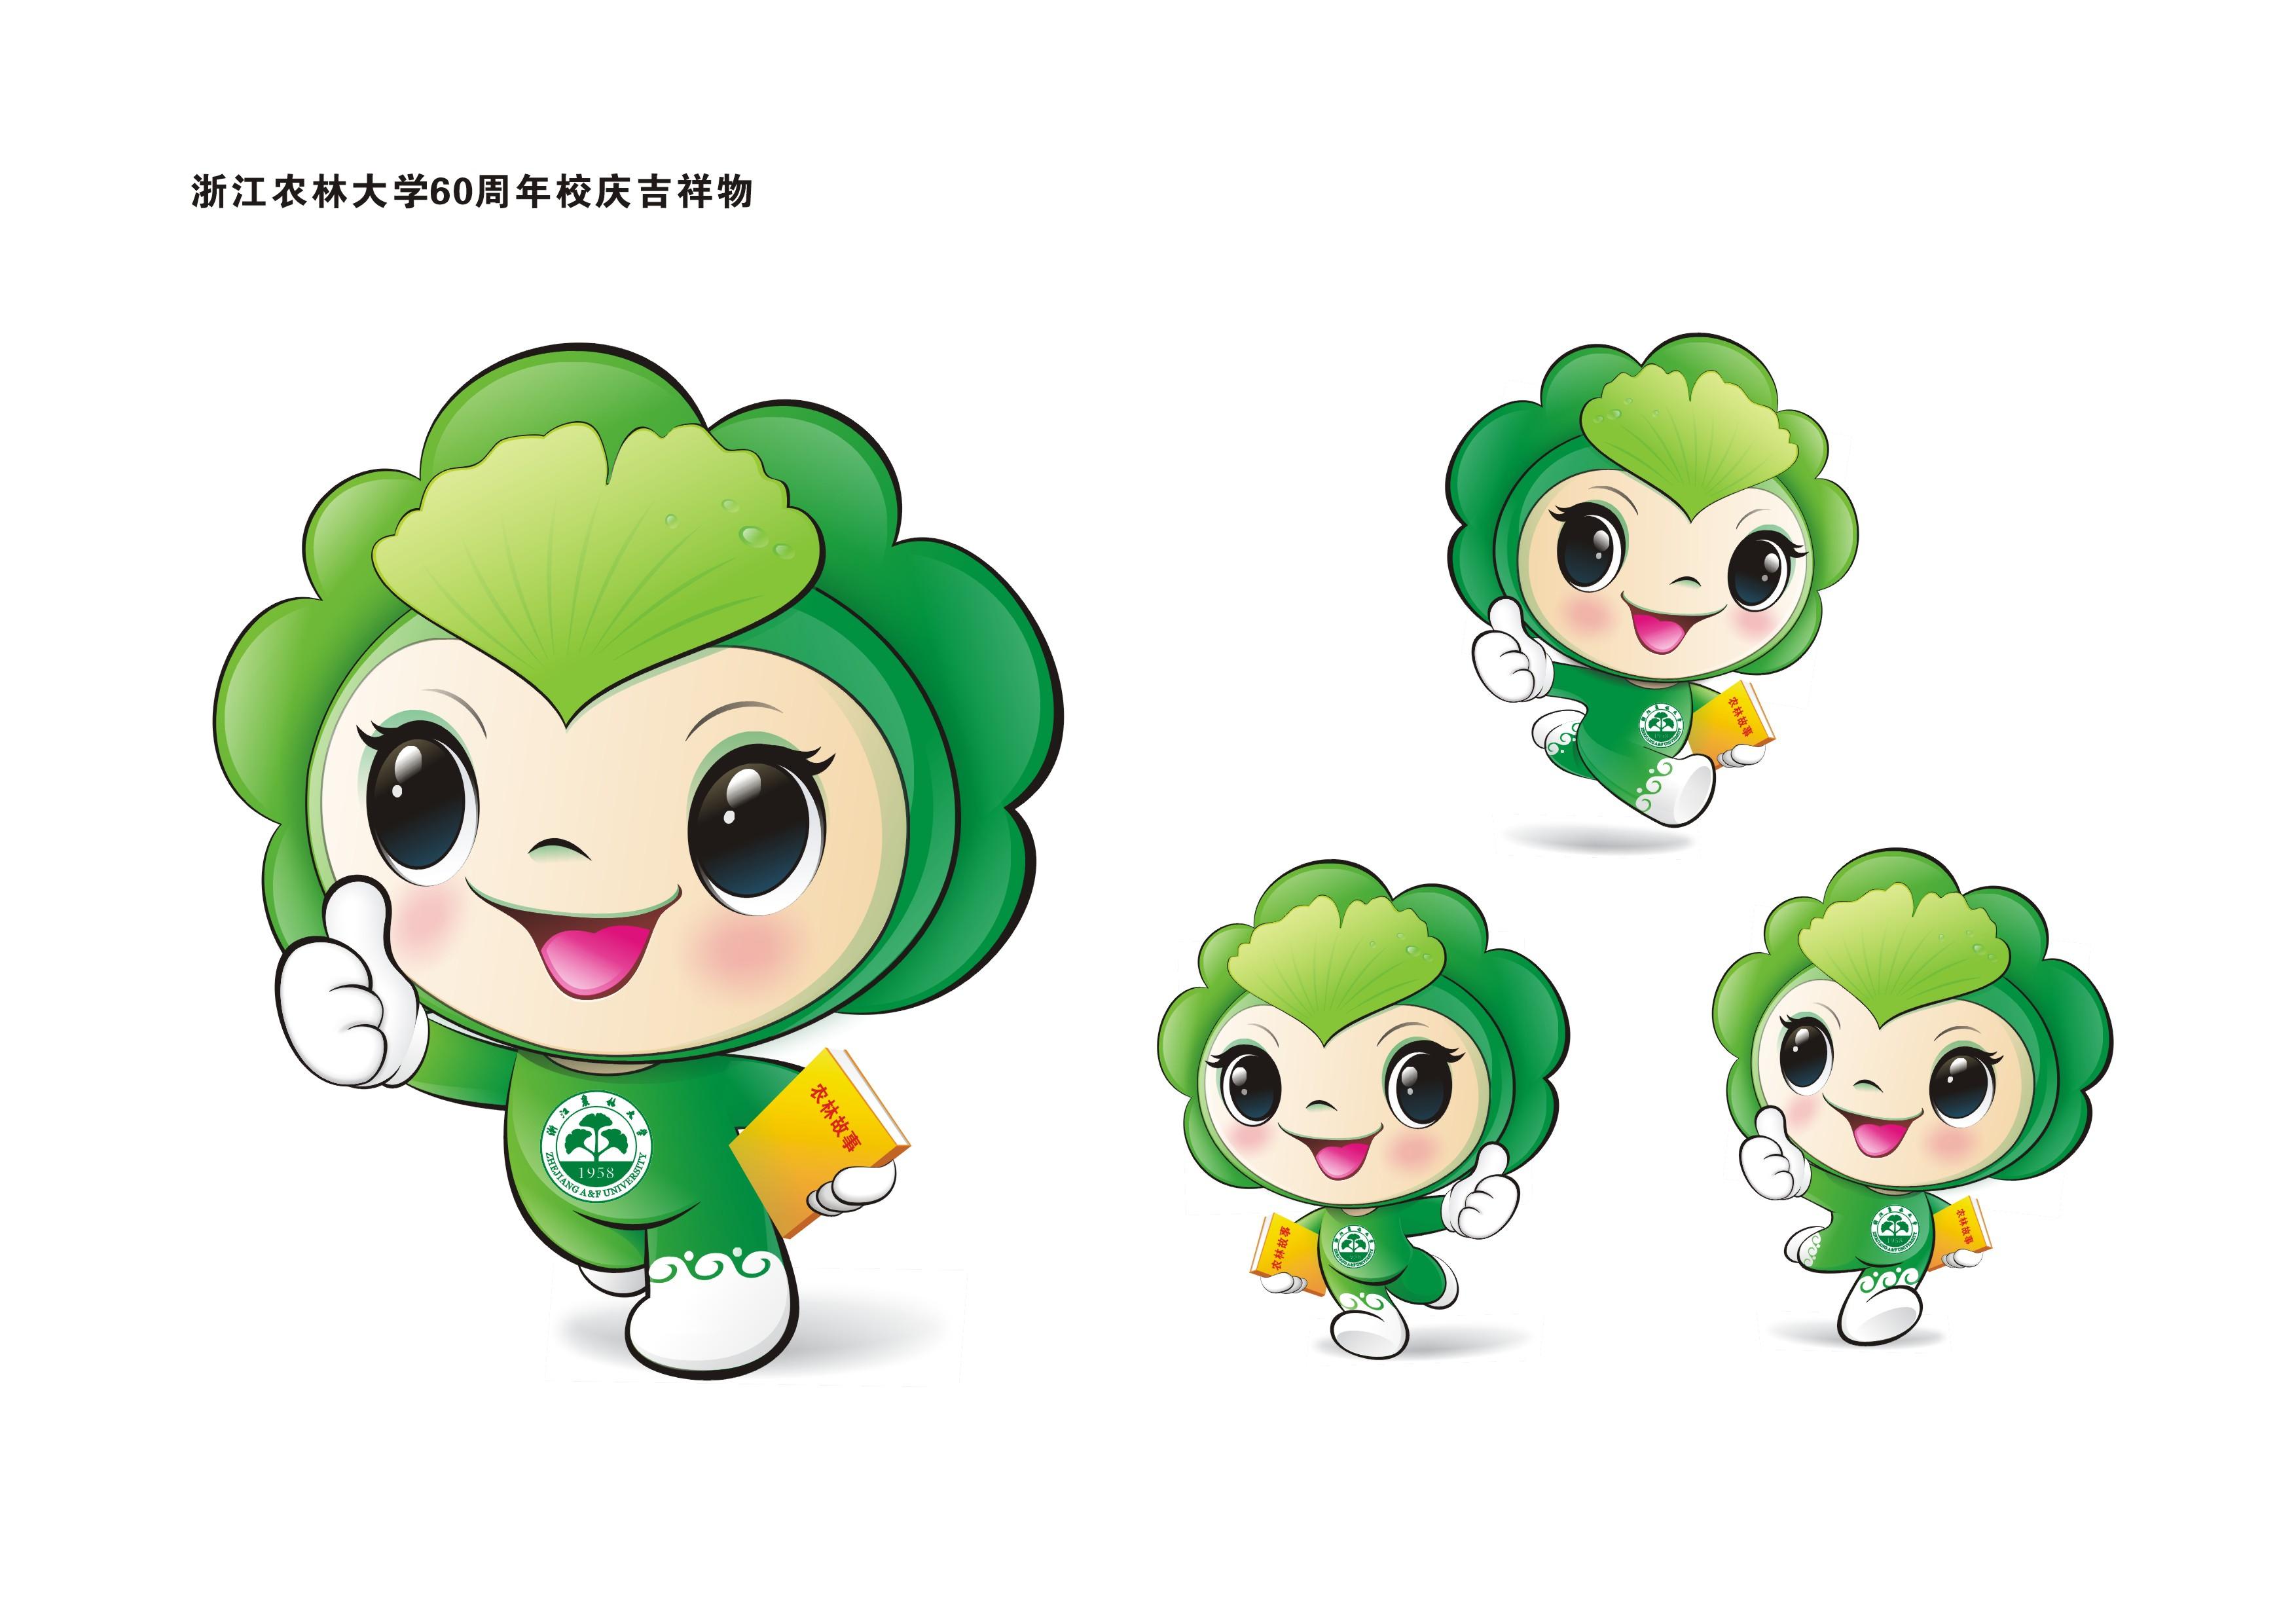 60周年校庆主题,logo,吉祥物释义-浙江农林大学